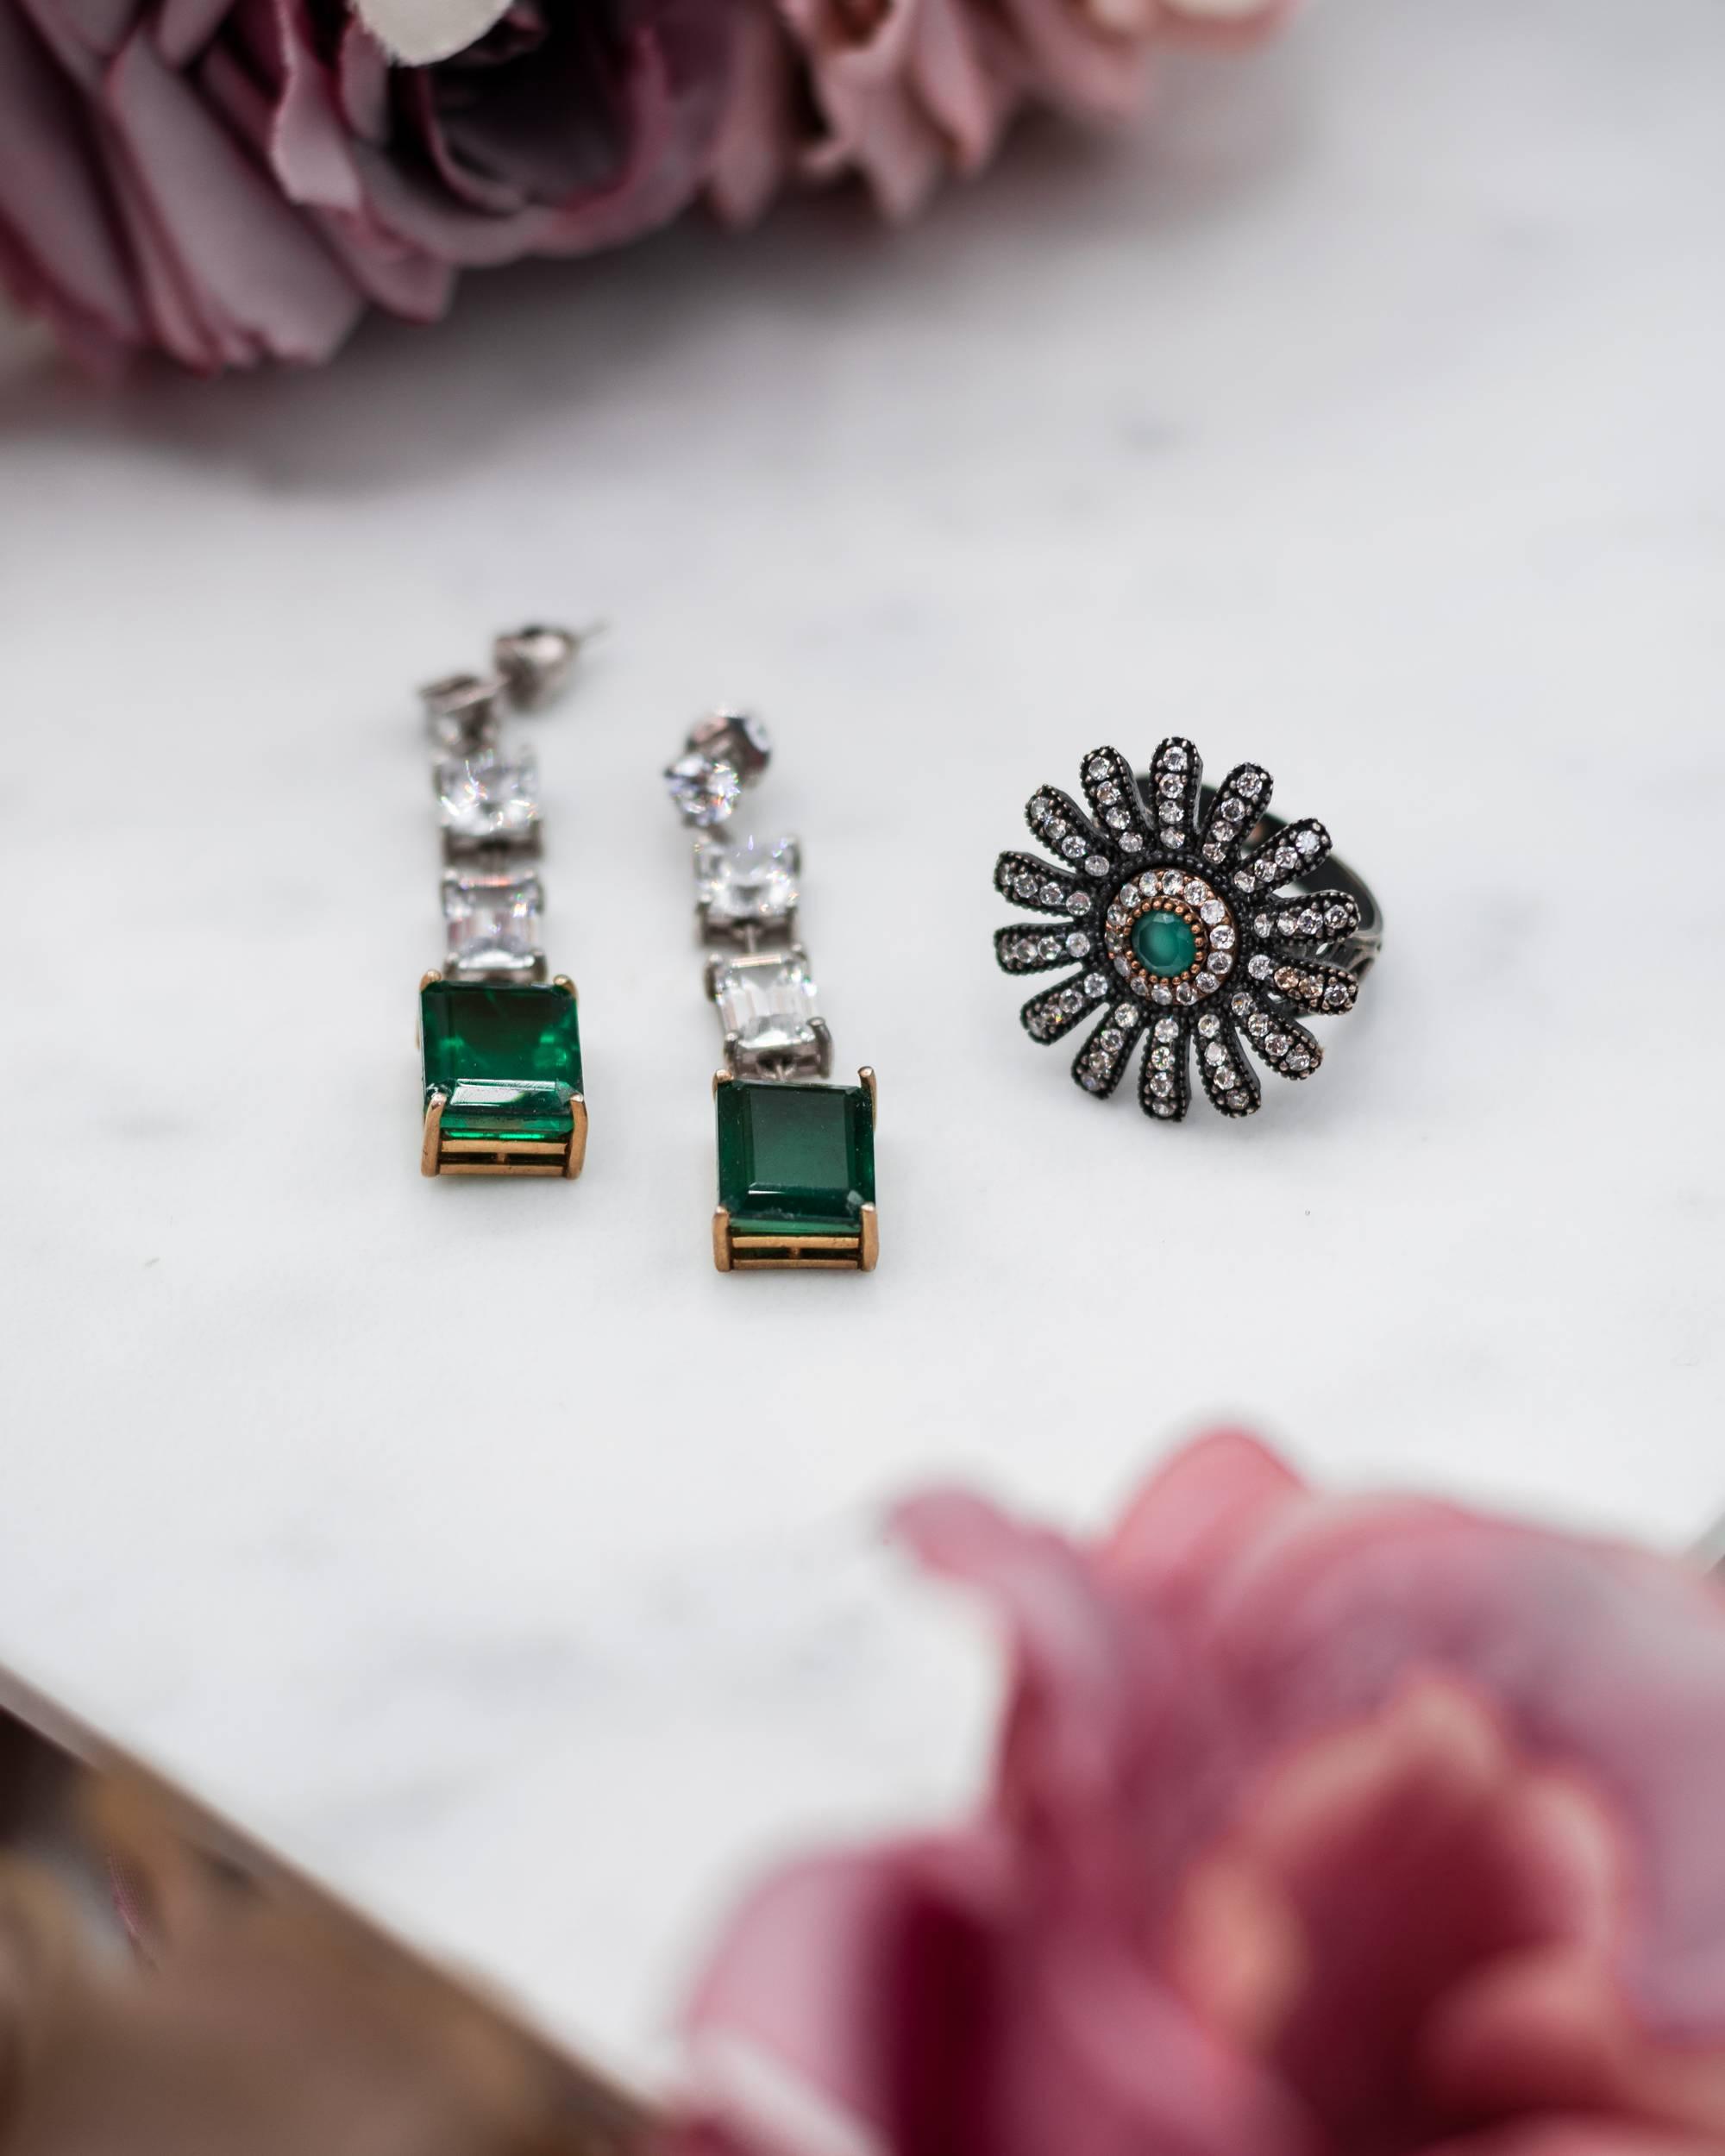 Double-J-Accessories-la-marque-de-bijoux-libanaise-engagee-1-7